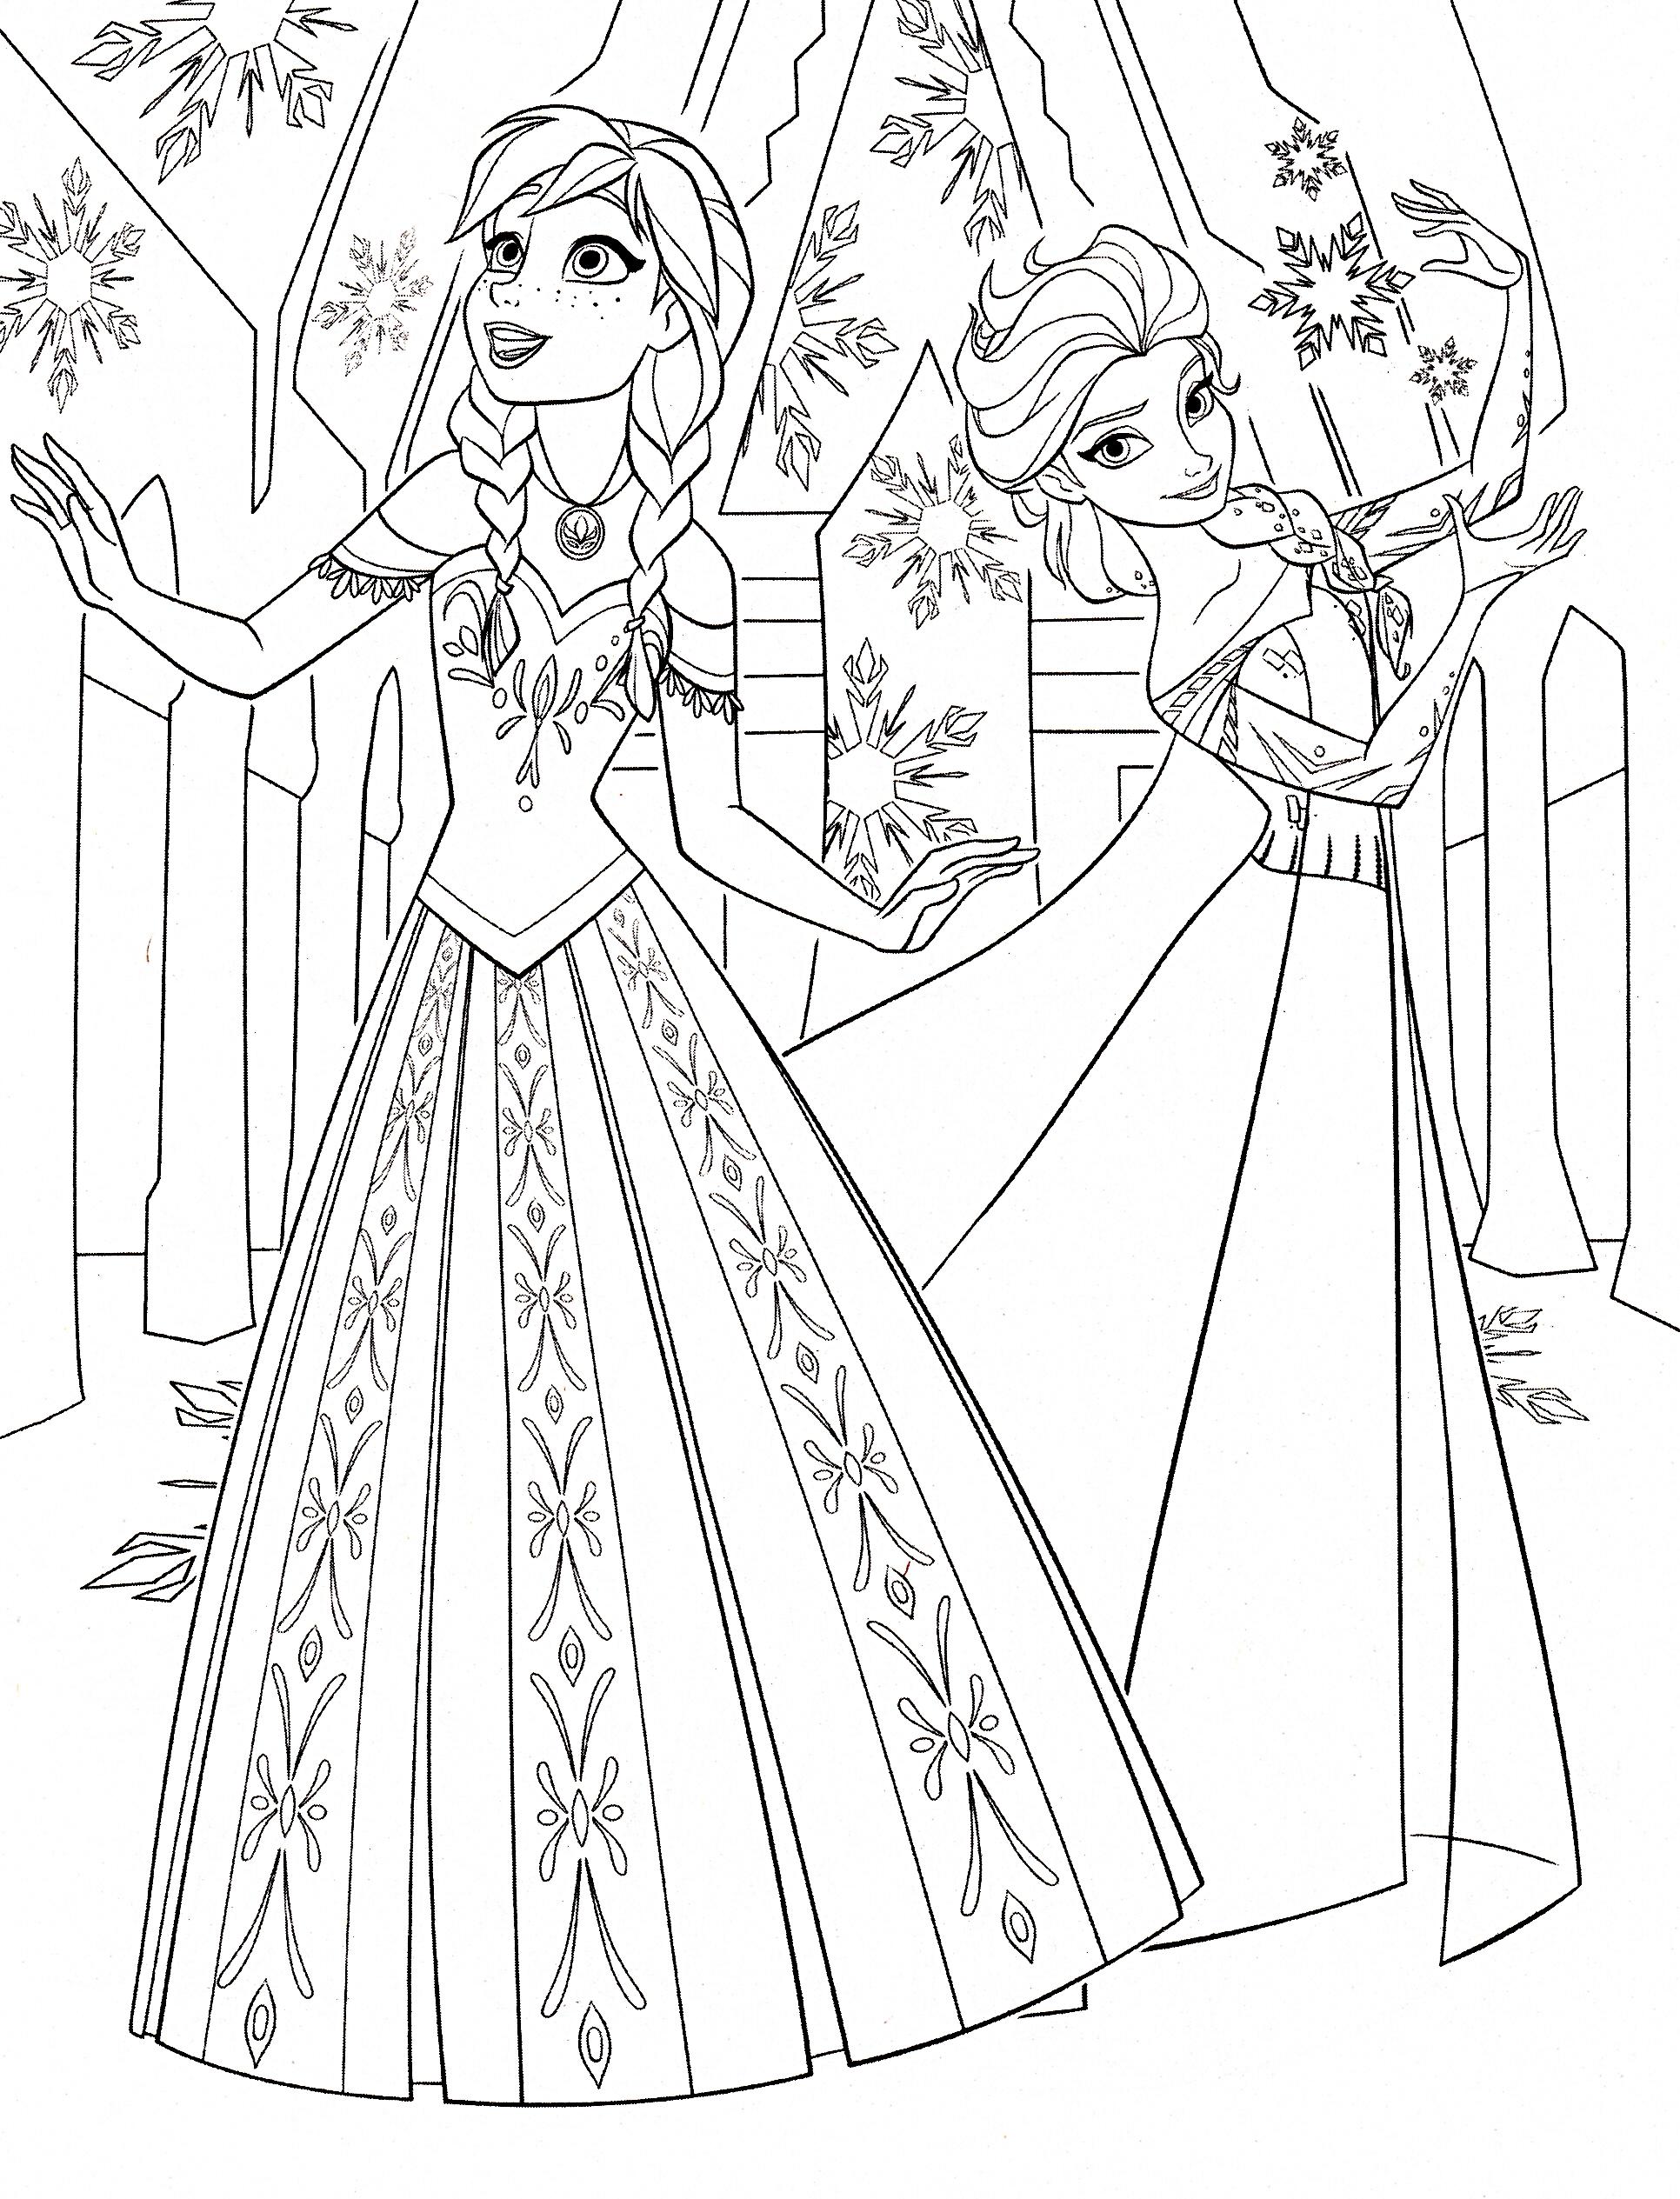 Coloriage Disney Elsa Montre Ses Pouvoirs A Anna A Imprimer